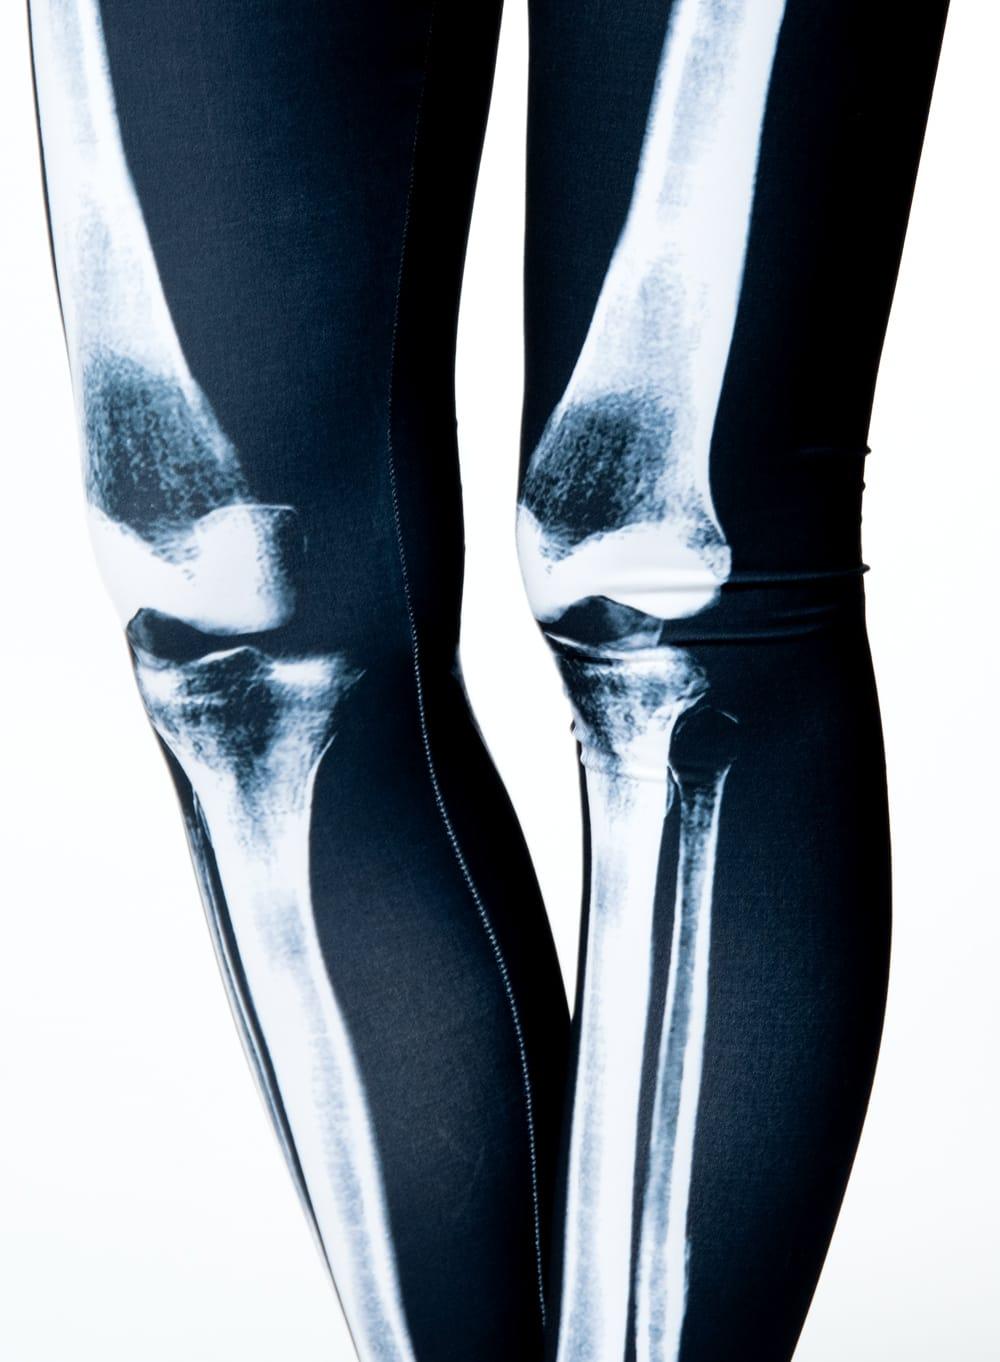 フルグラフィック美脚ヨガレギンス サイケデリック&パーティー系 - ボーンズ 6 - 肌触りの良い生地が使われています